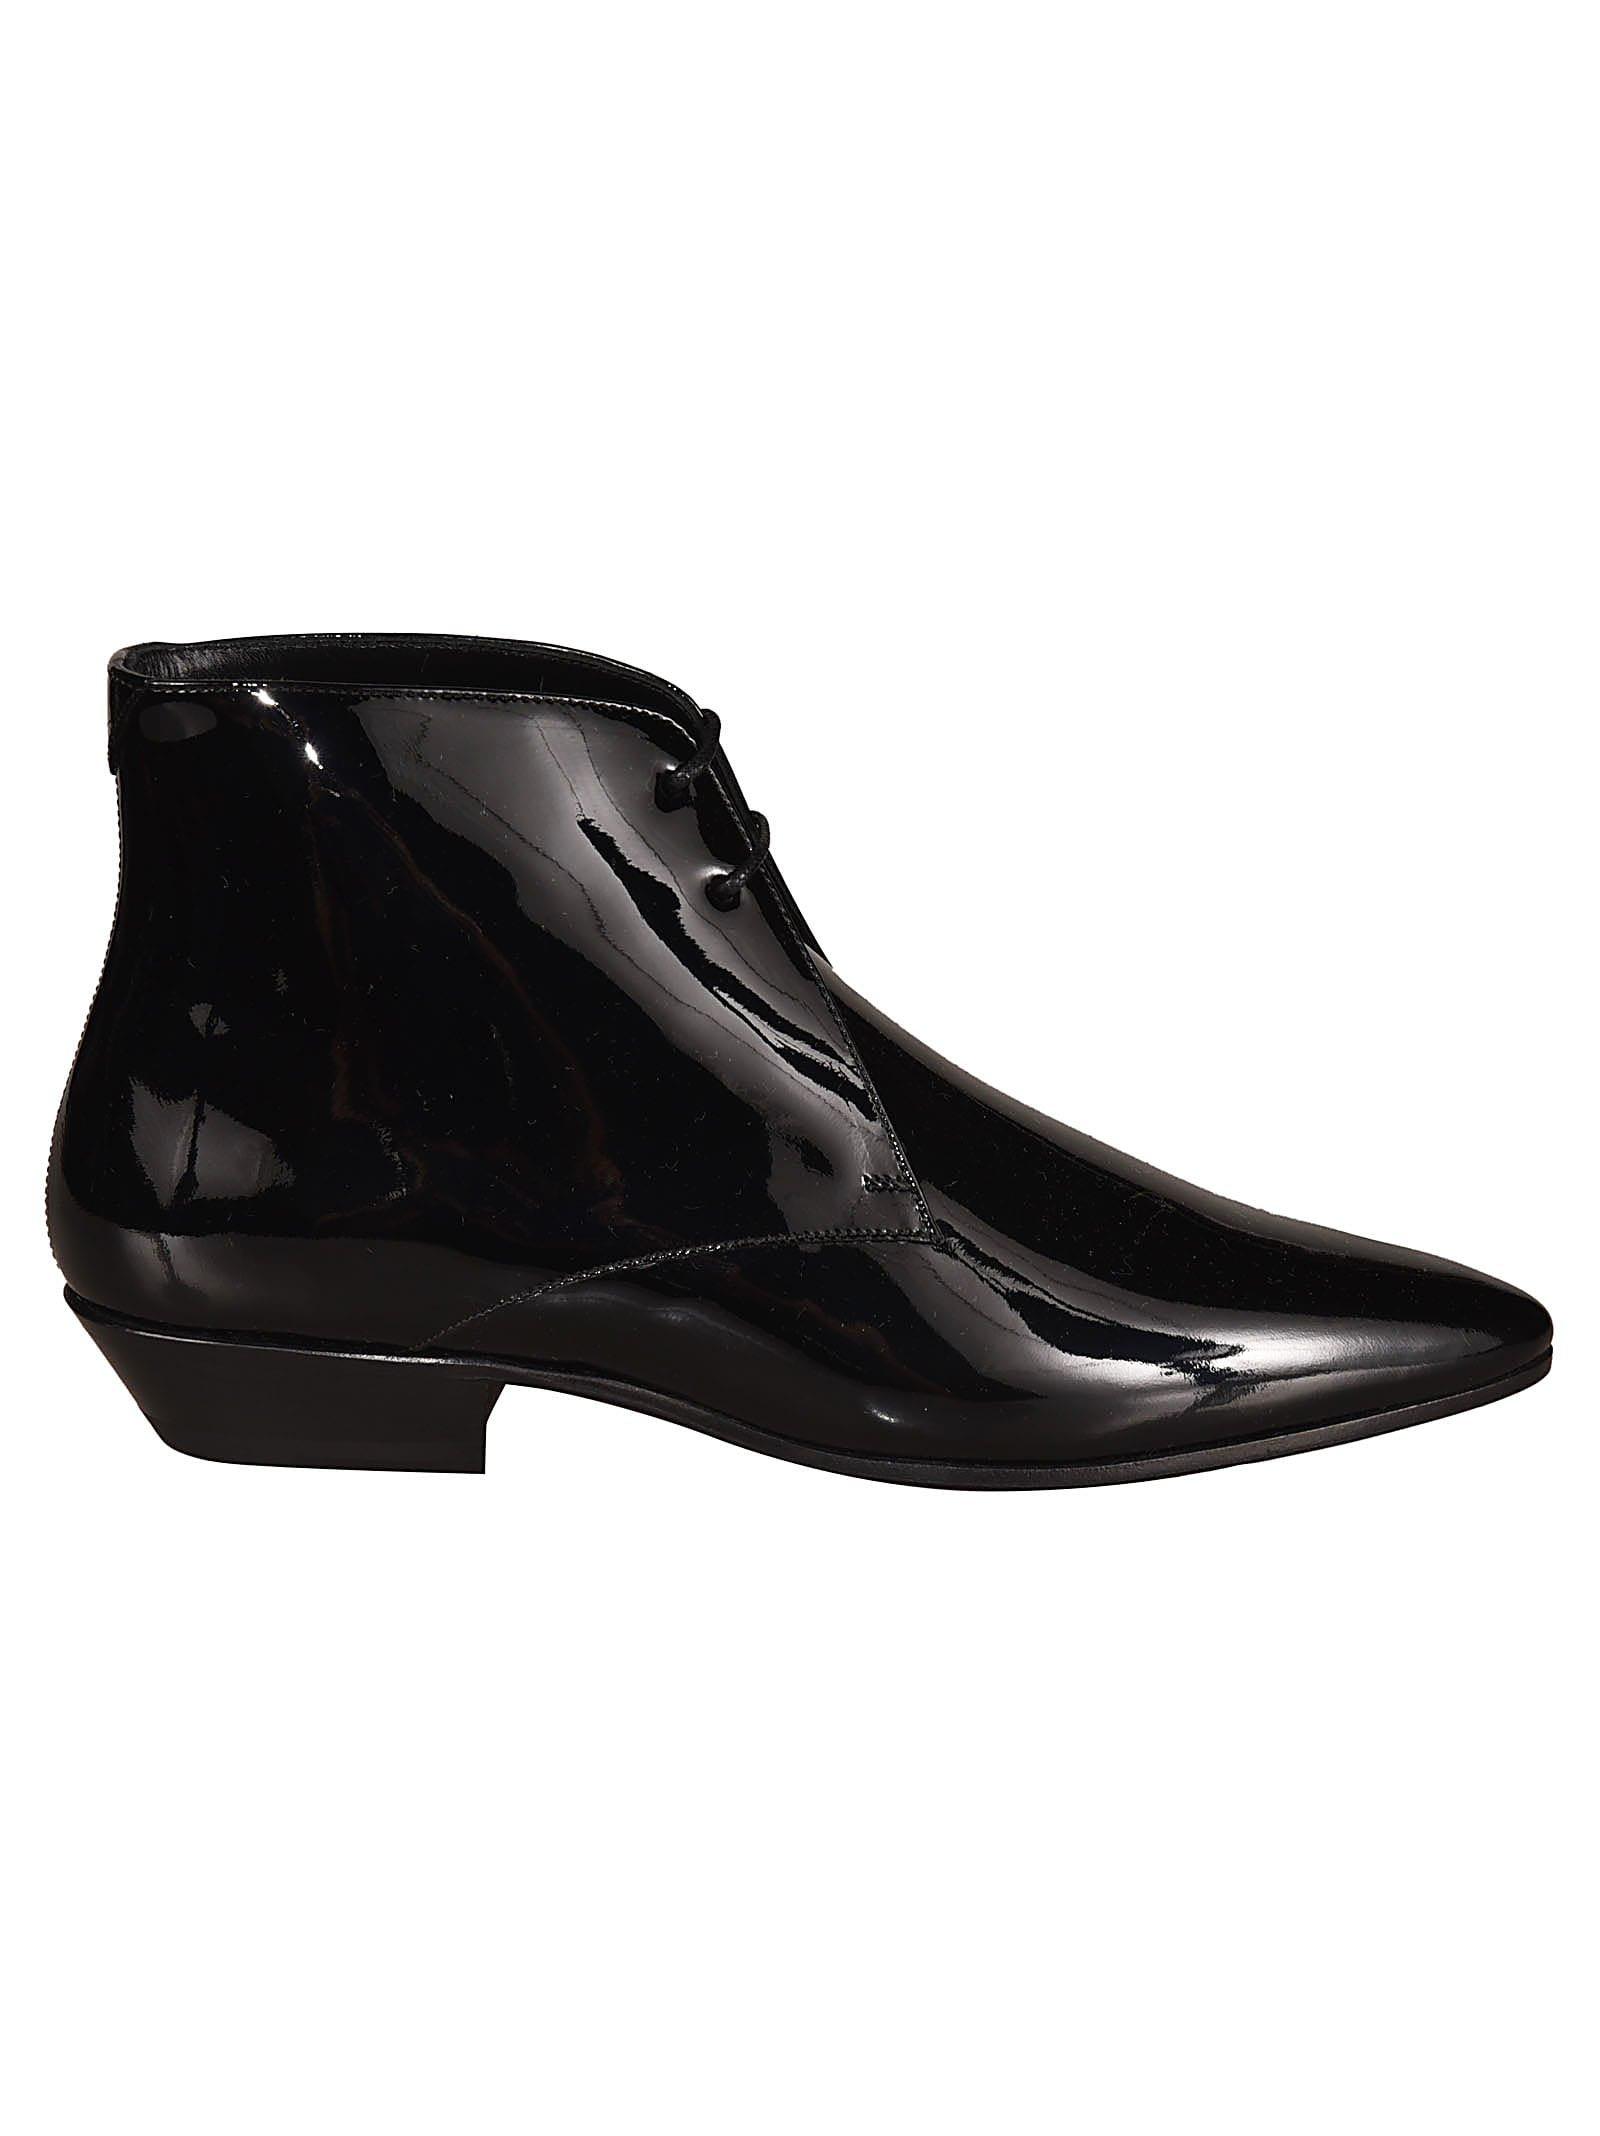 Saint Laurent Jonas 25 Lace-up Ankle Boots